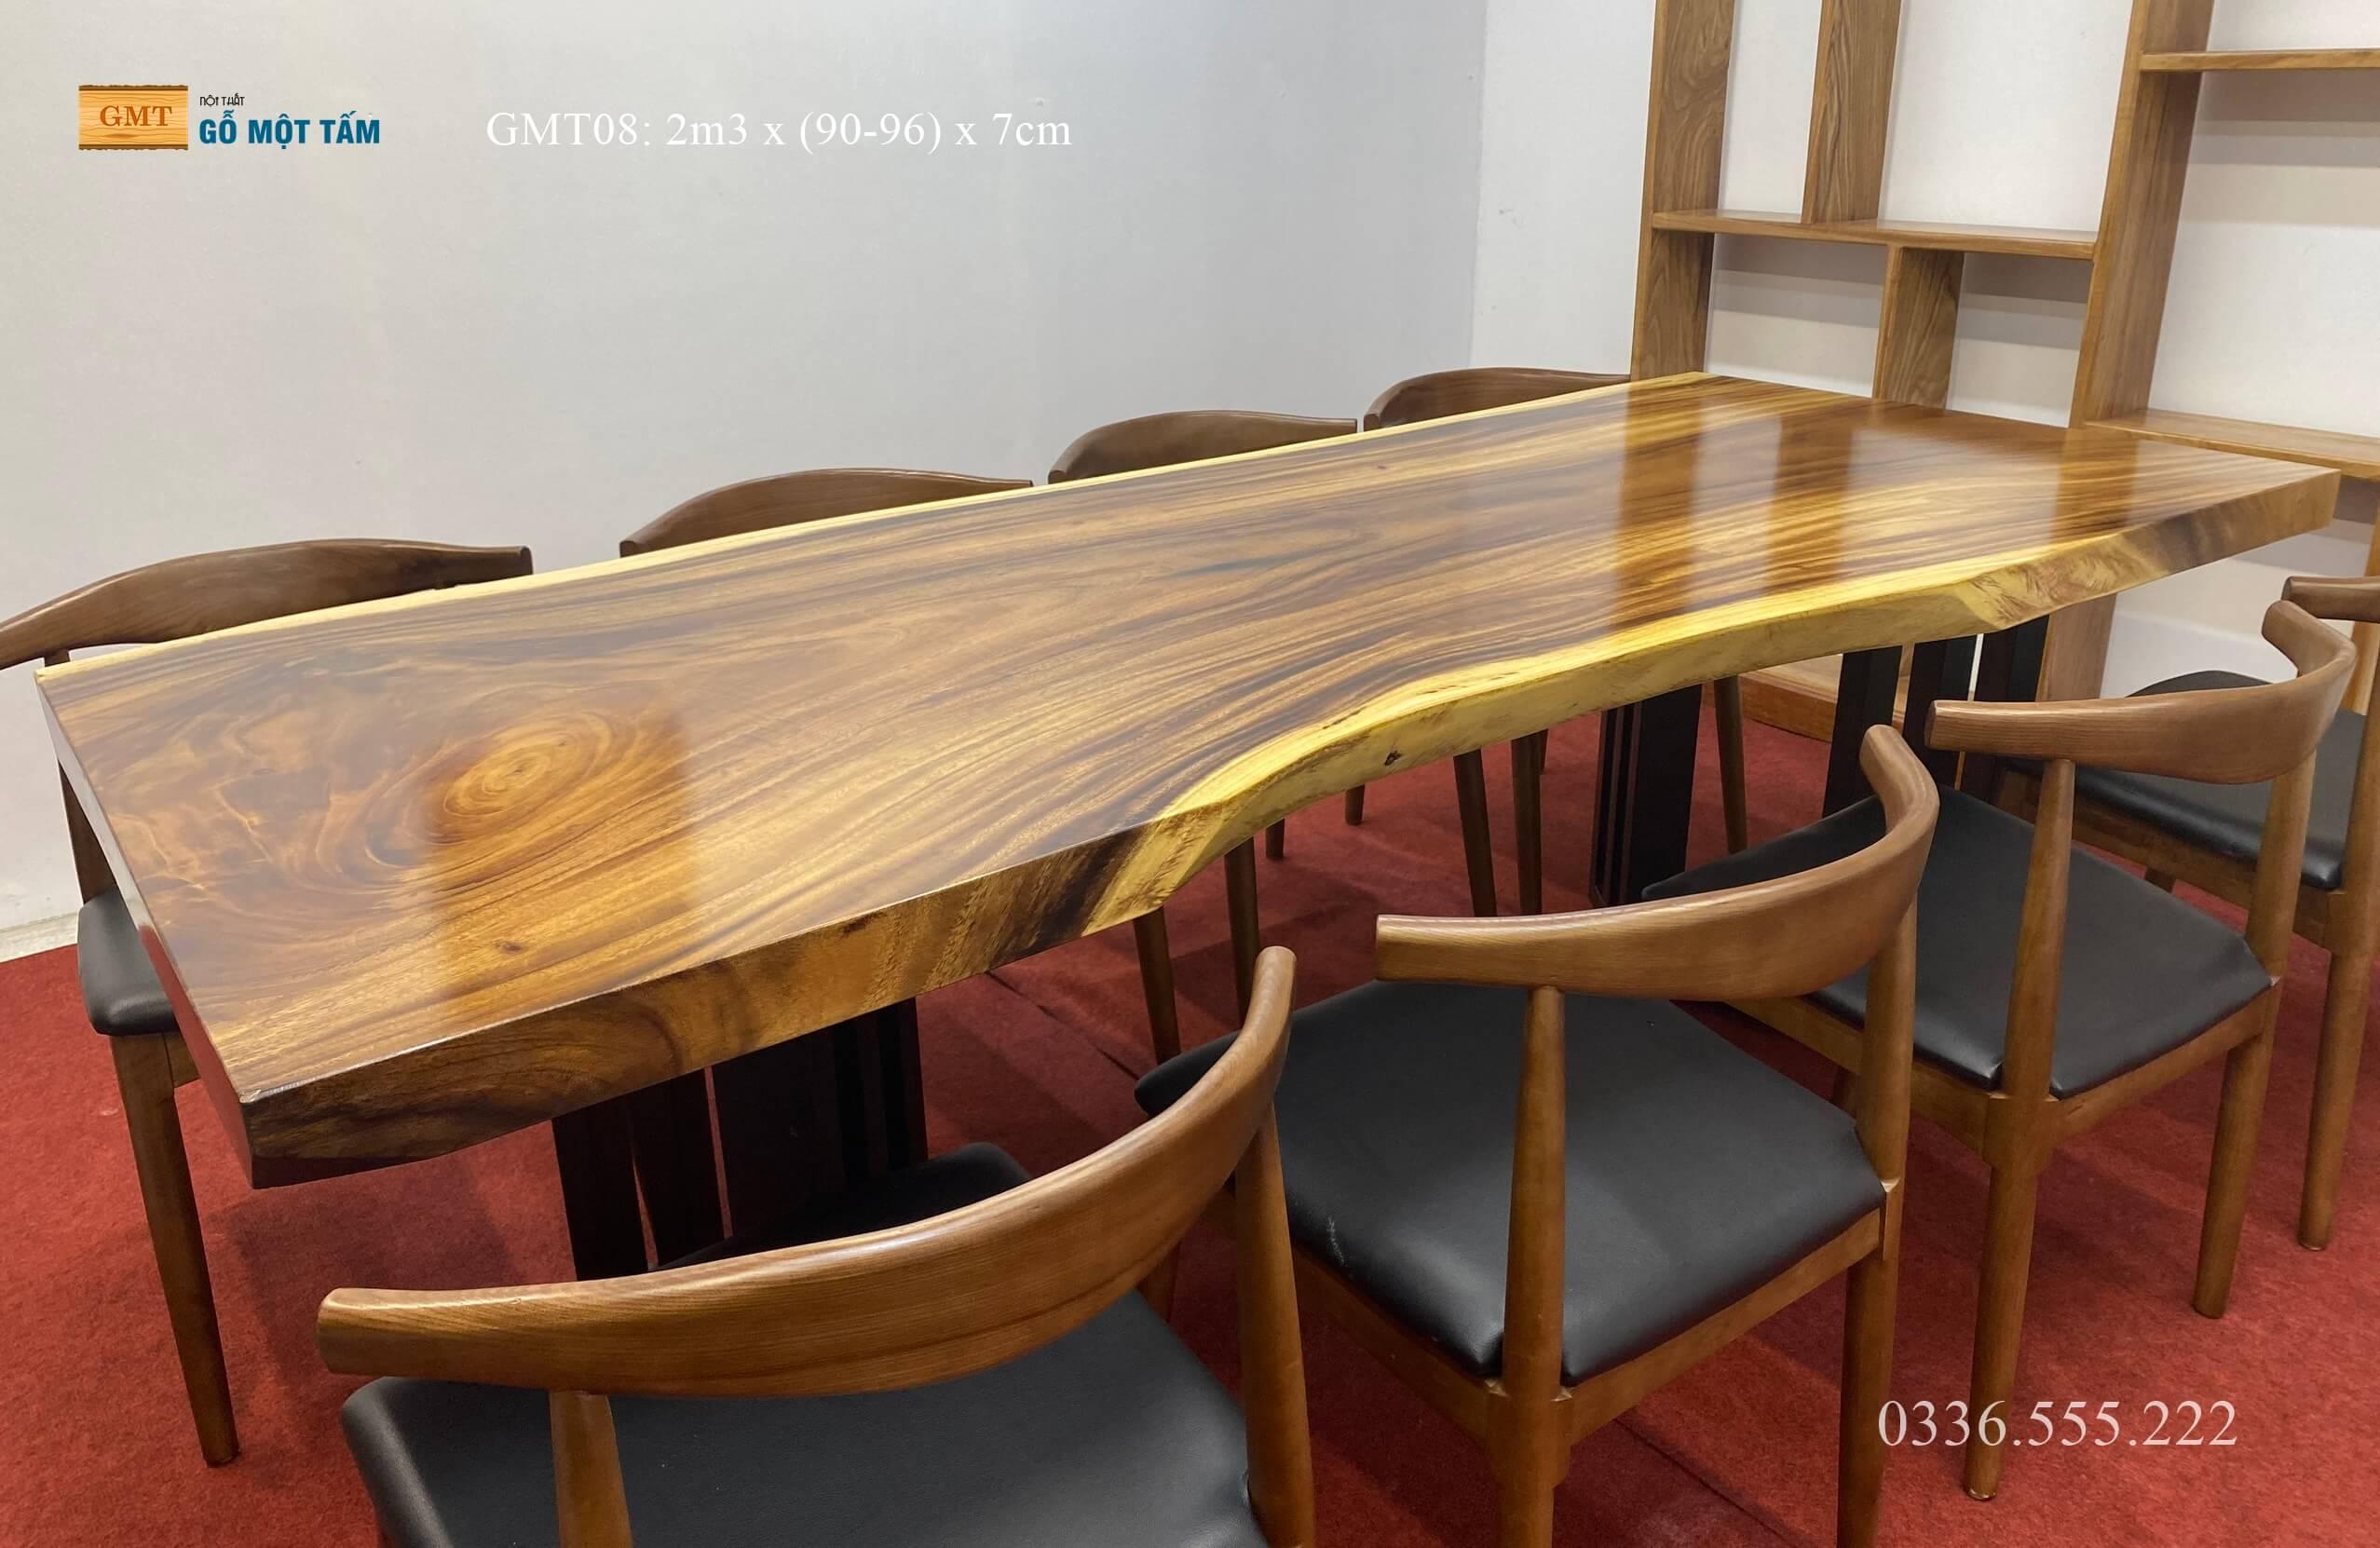 Mặt bàn gỗ me tây đẹp nhất